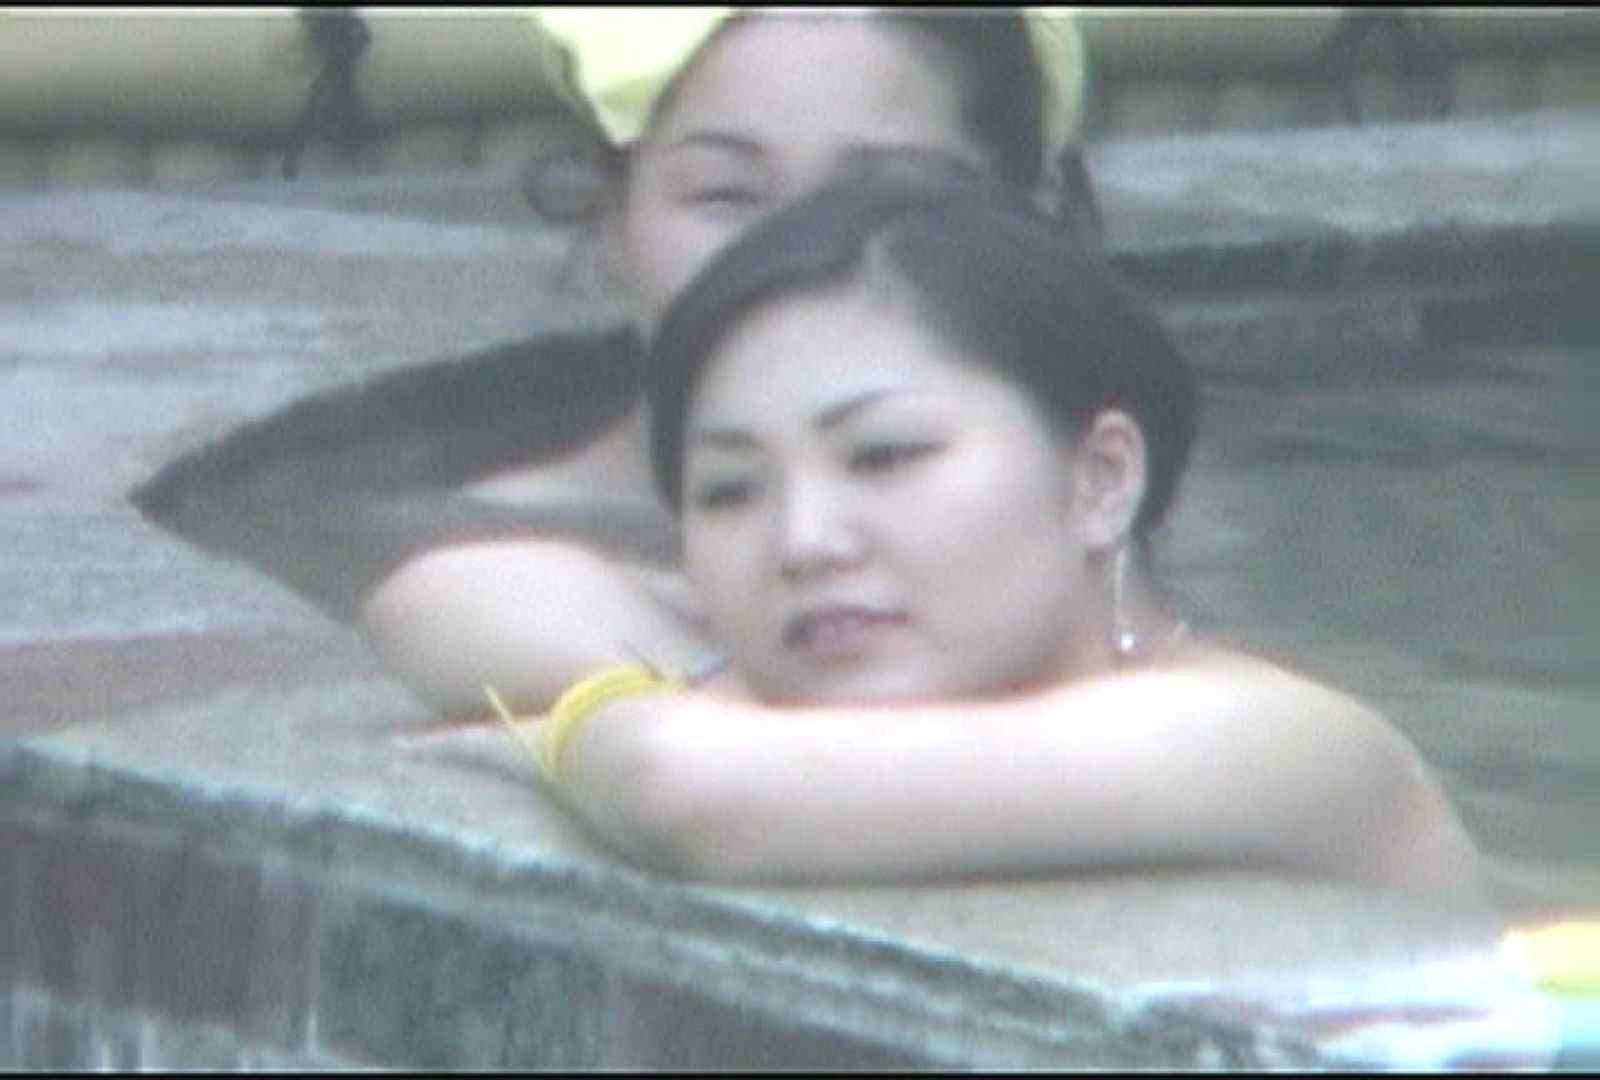 Aquaな露天風呂Vol.145 盗撮  106画像 33